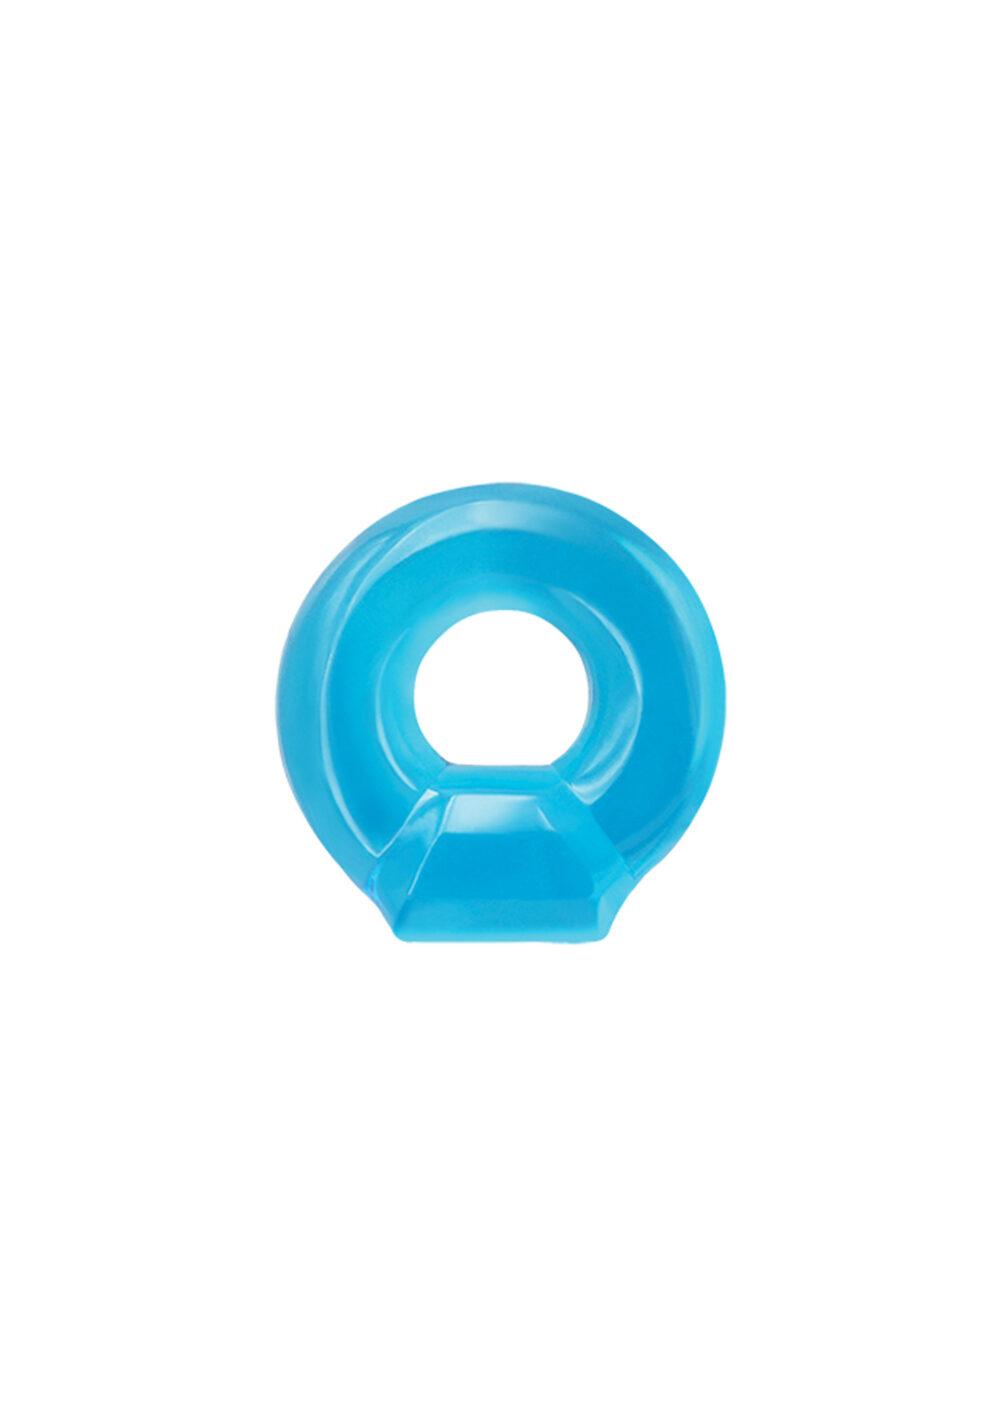 Renegade Drop Ring Blue - izrazito rastezljivi penis prsten za jačanje erekcije, TPE